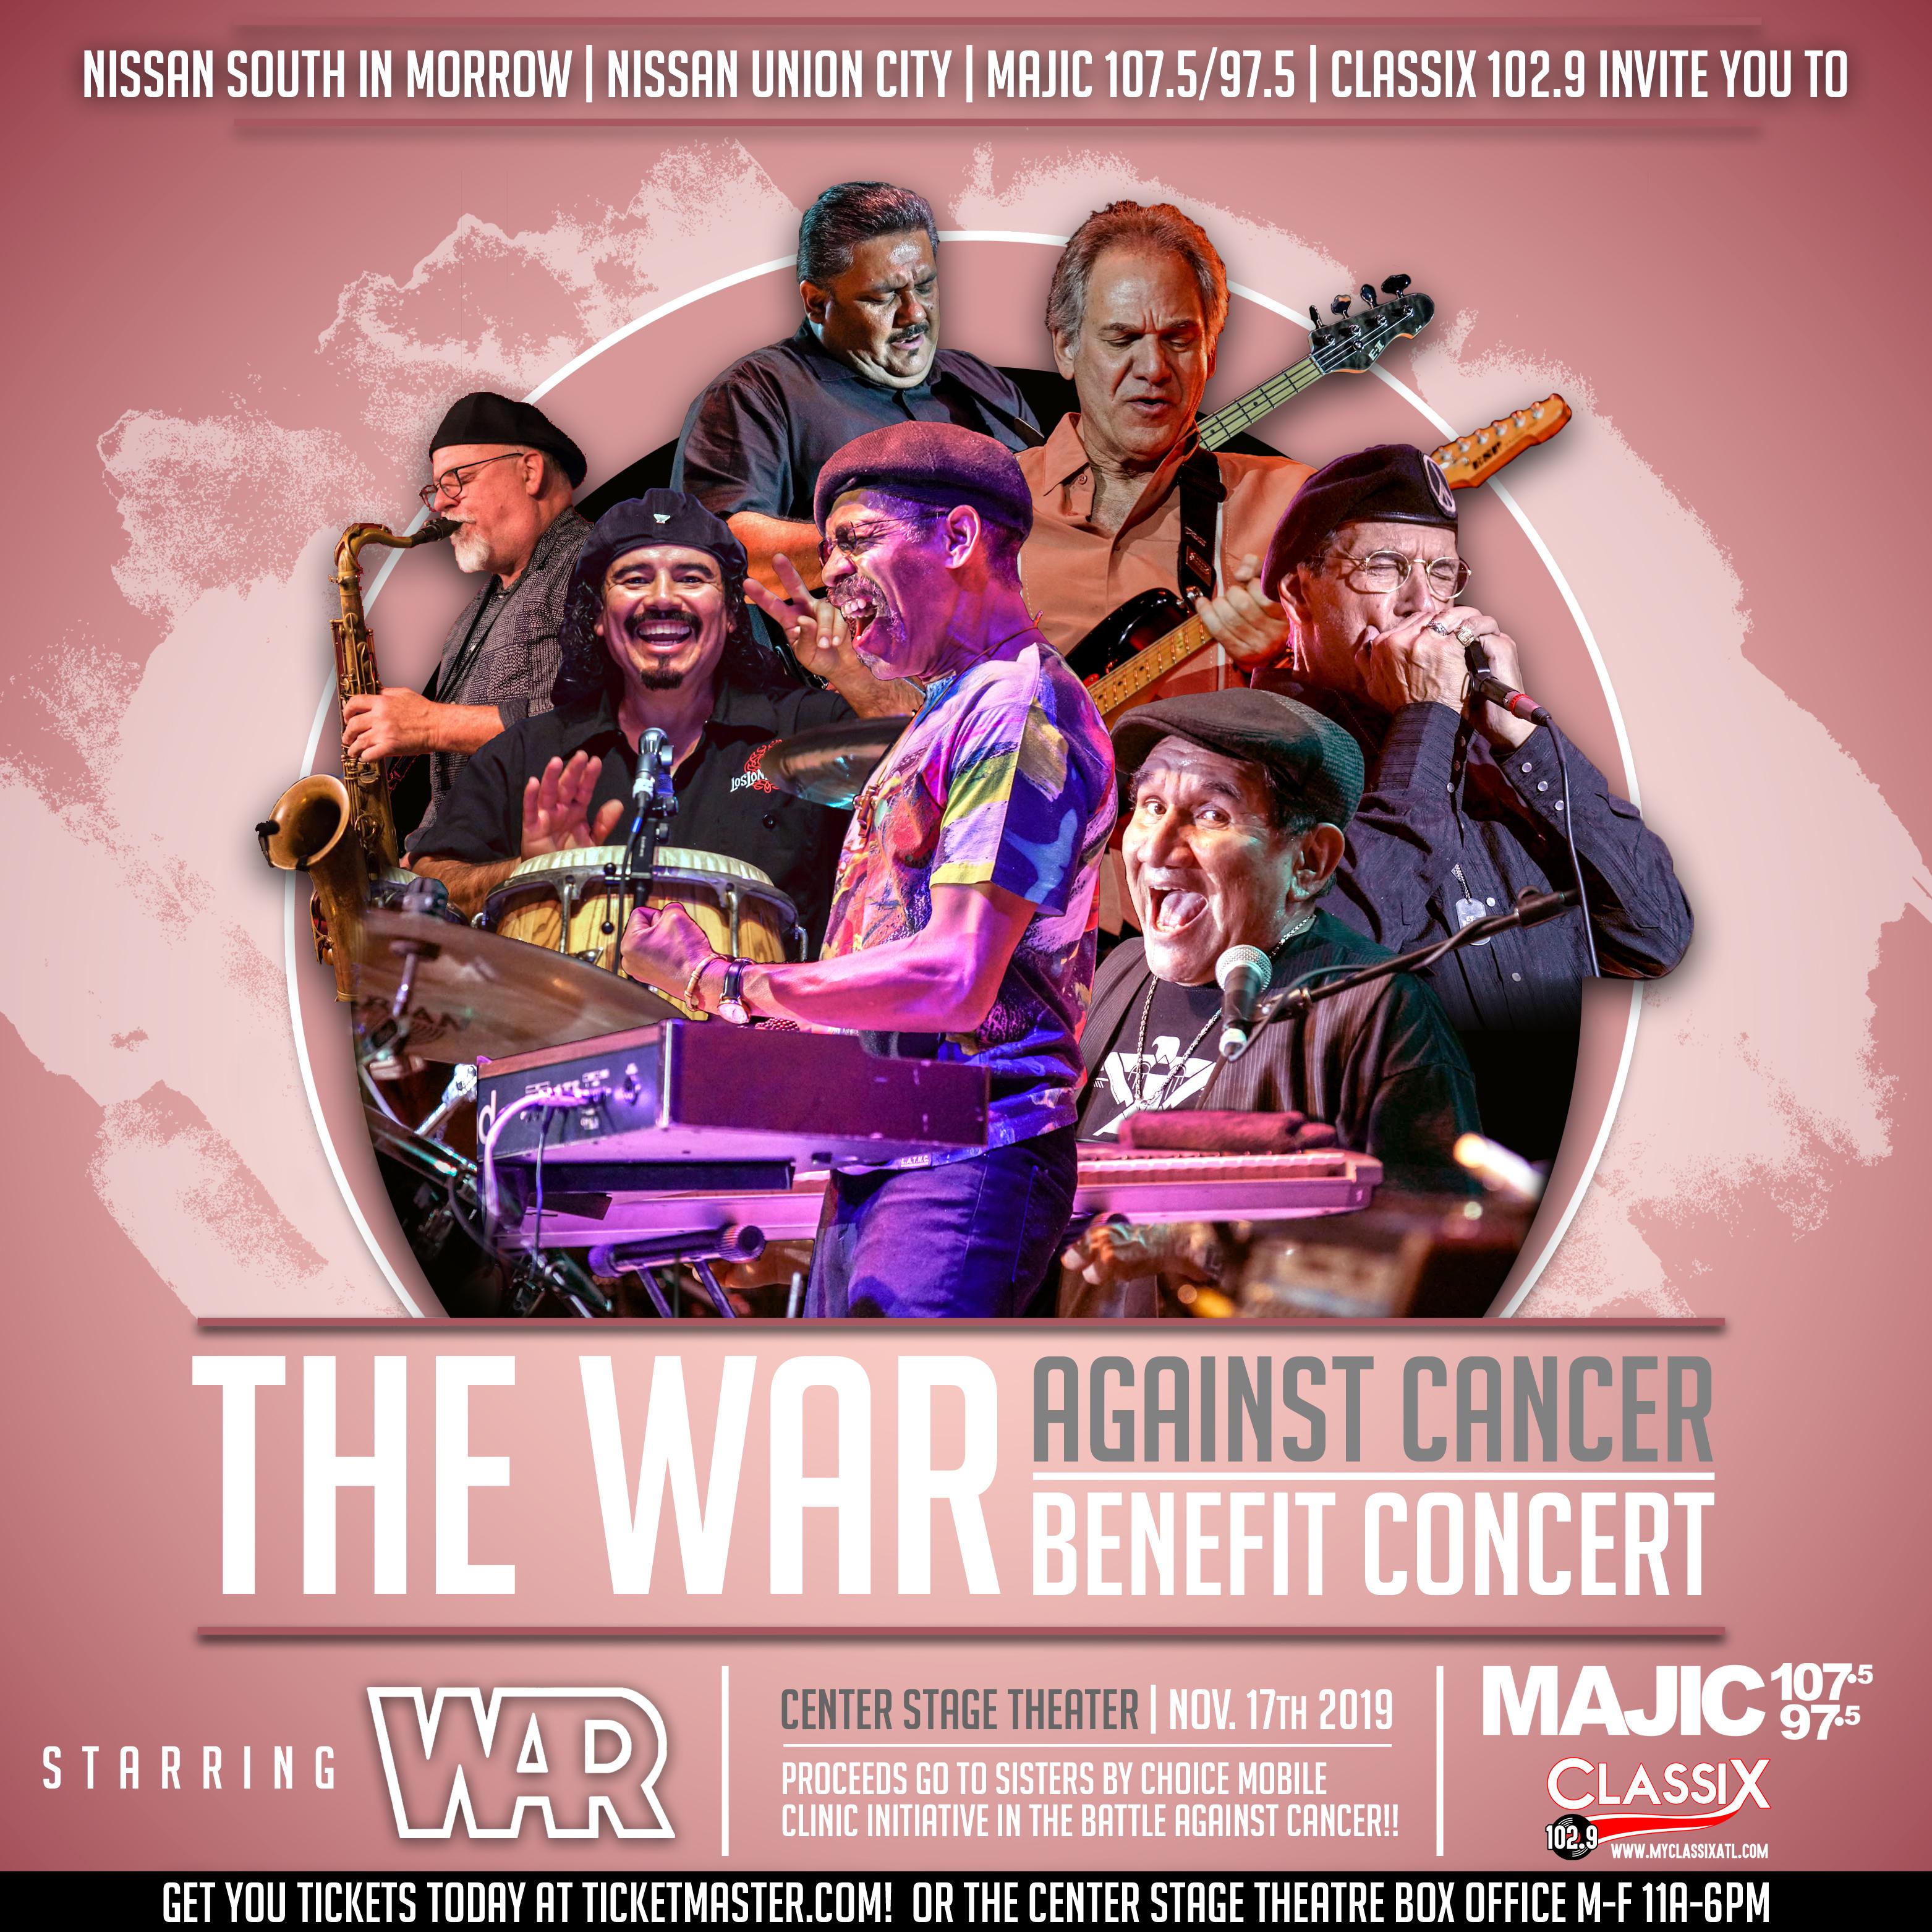 War Against Cancer Benefit Concert